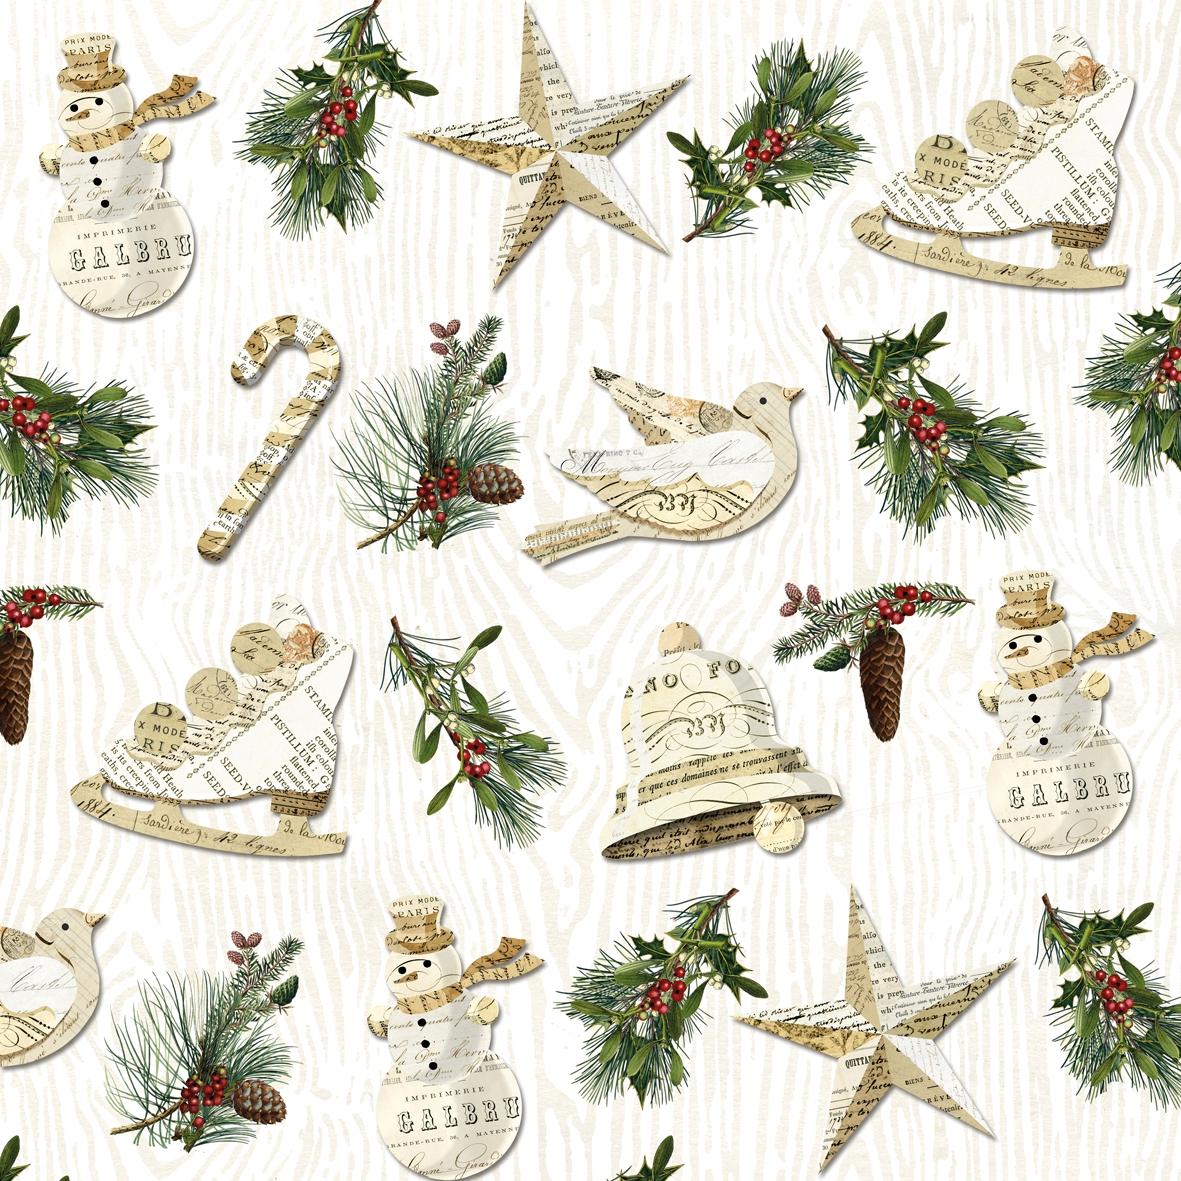 Paperproducts Design,  Weihnachten - Glocken,  Weihnachten,  cocktail servietten,  Glocken,  Schlittschuhe,  Sterne